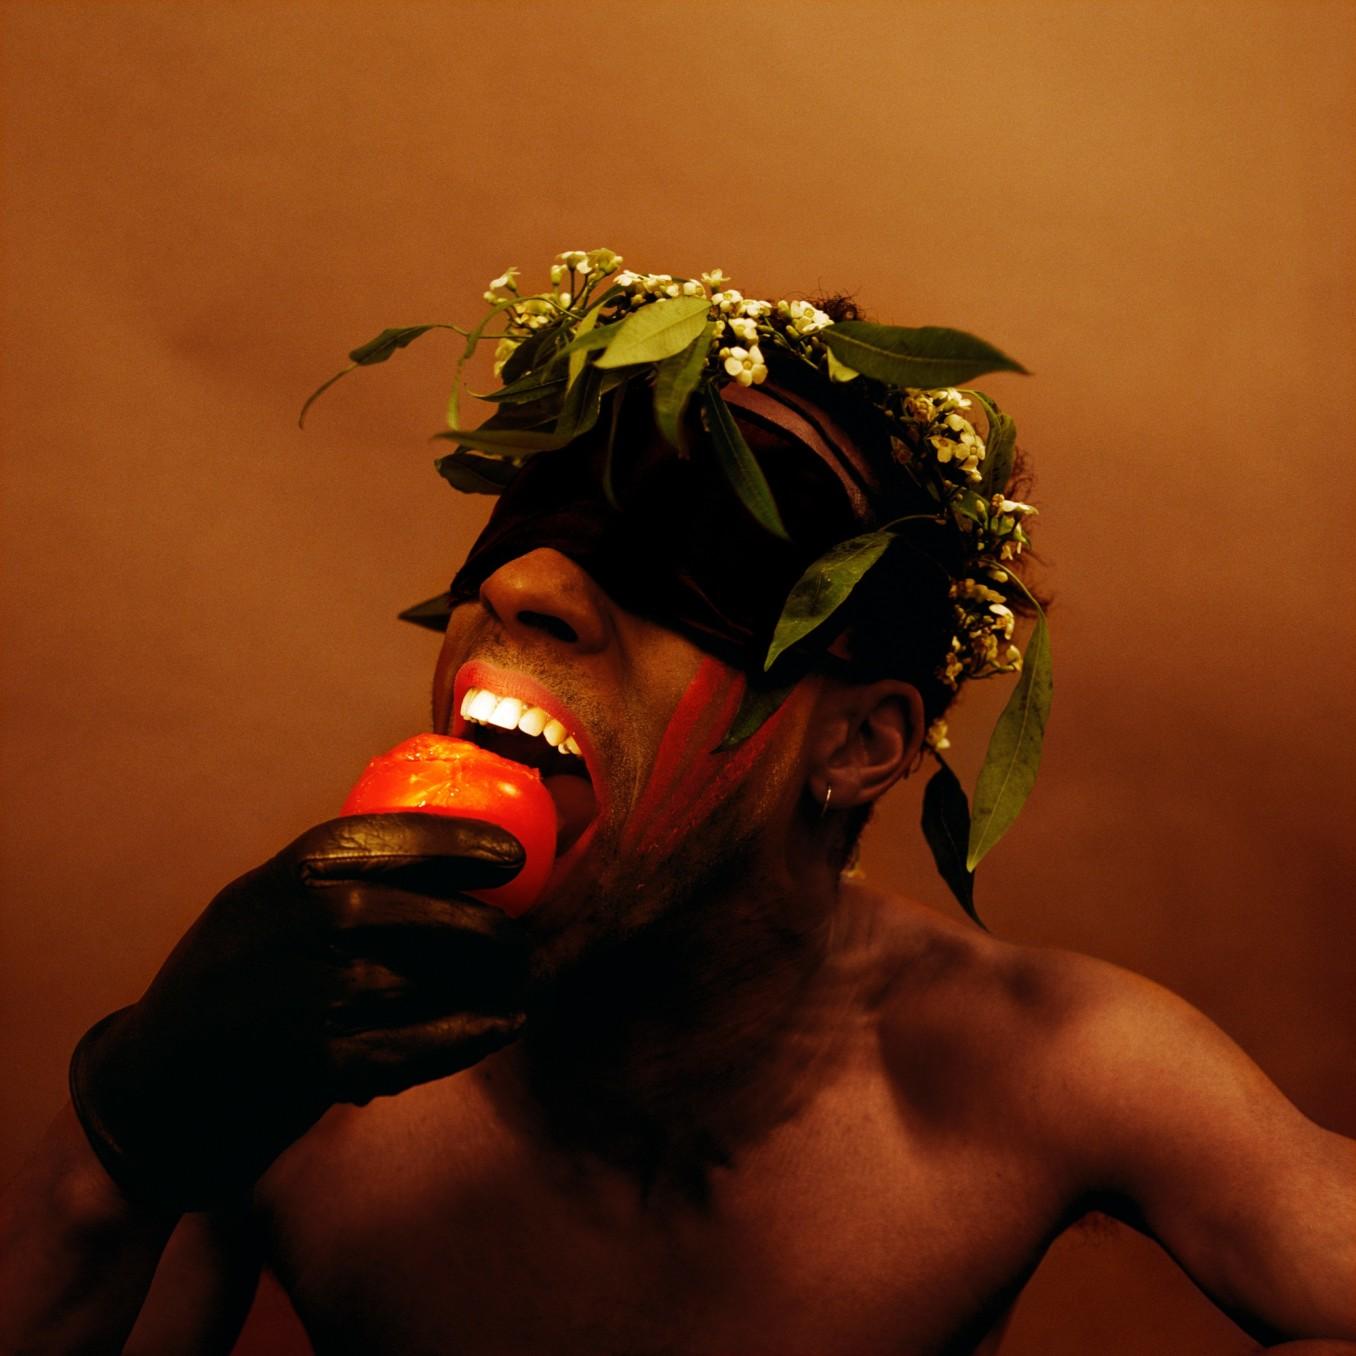 Rotimi Fani Kayode, Untitled, 1987 1988